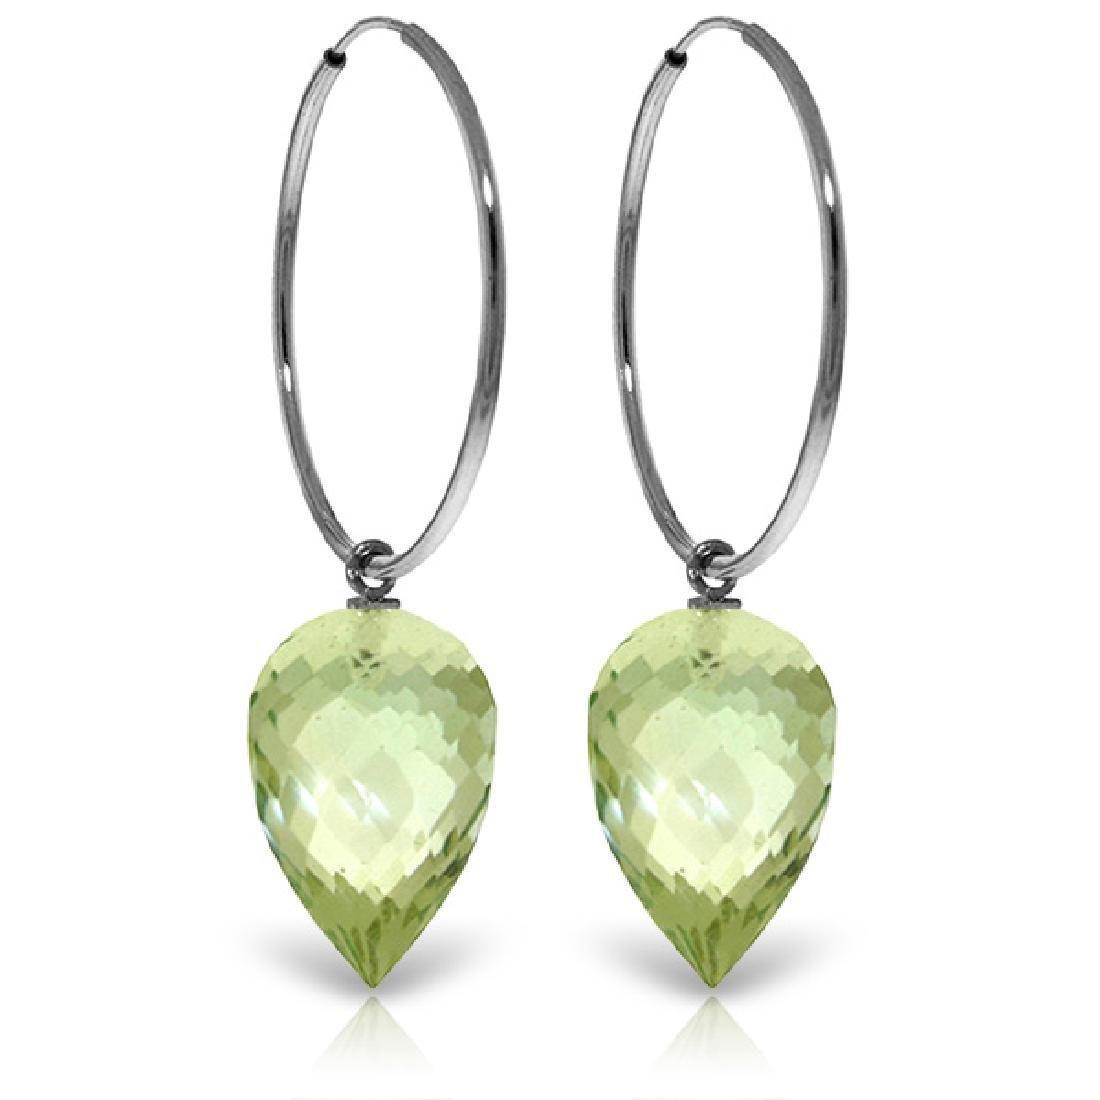 Genuine 19 ctw Amethyst Earrings Jewelry 14KT White